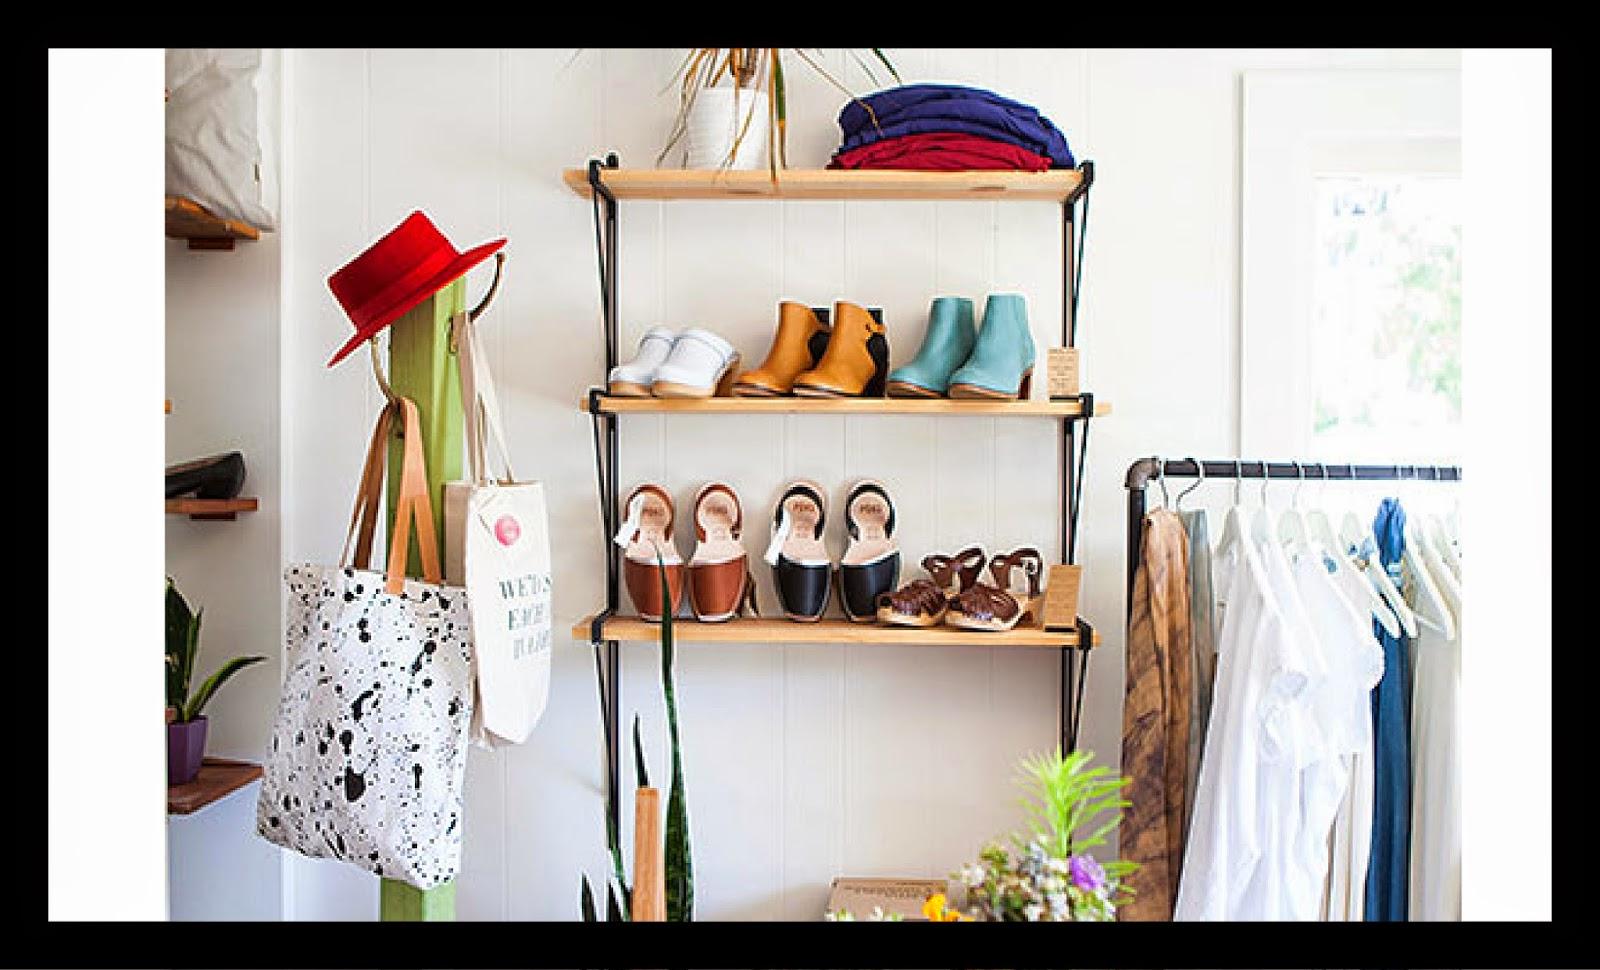 pretty boutique shelf clothes rat red hat blue clogs